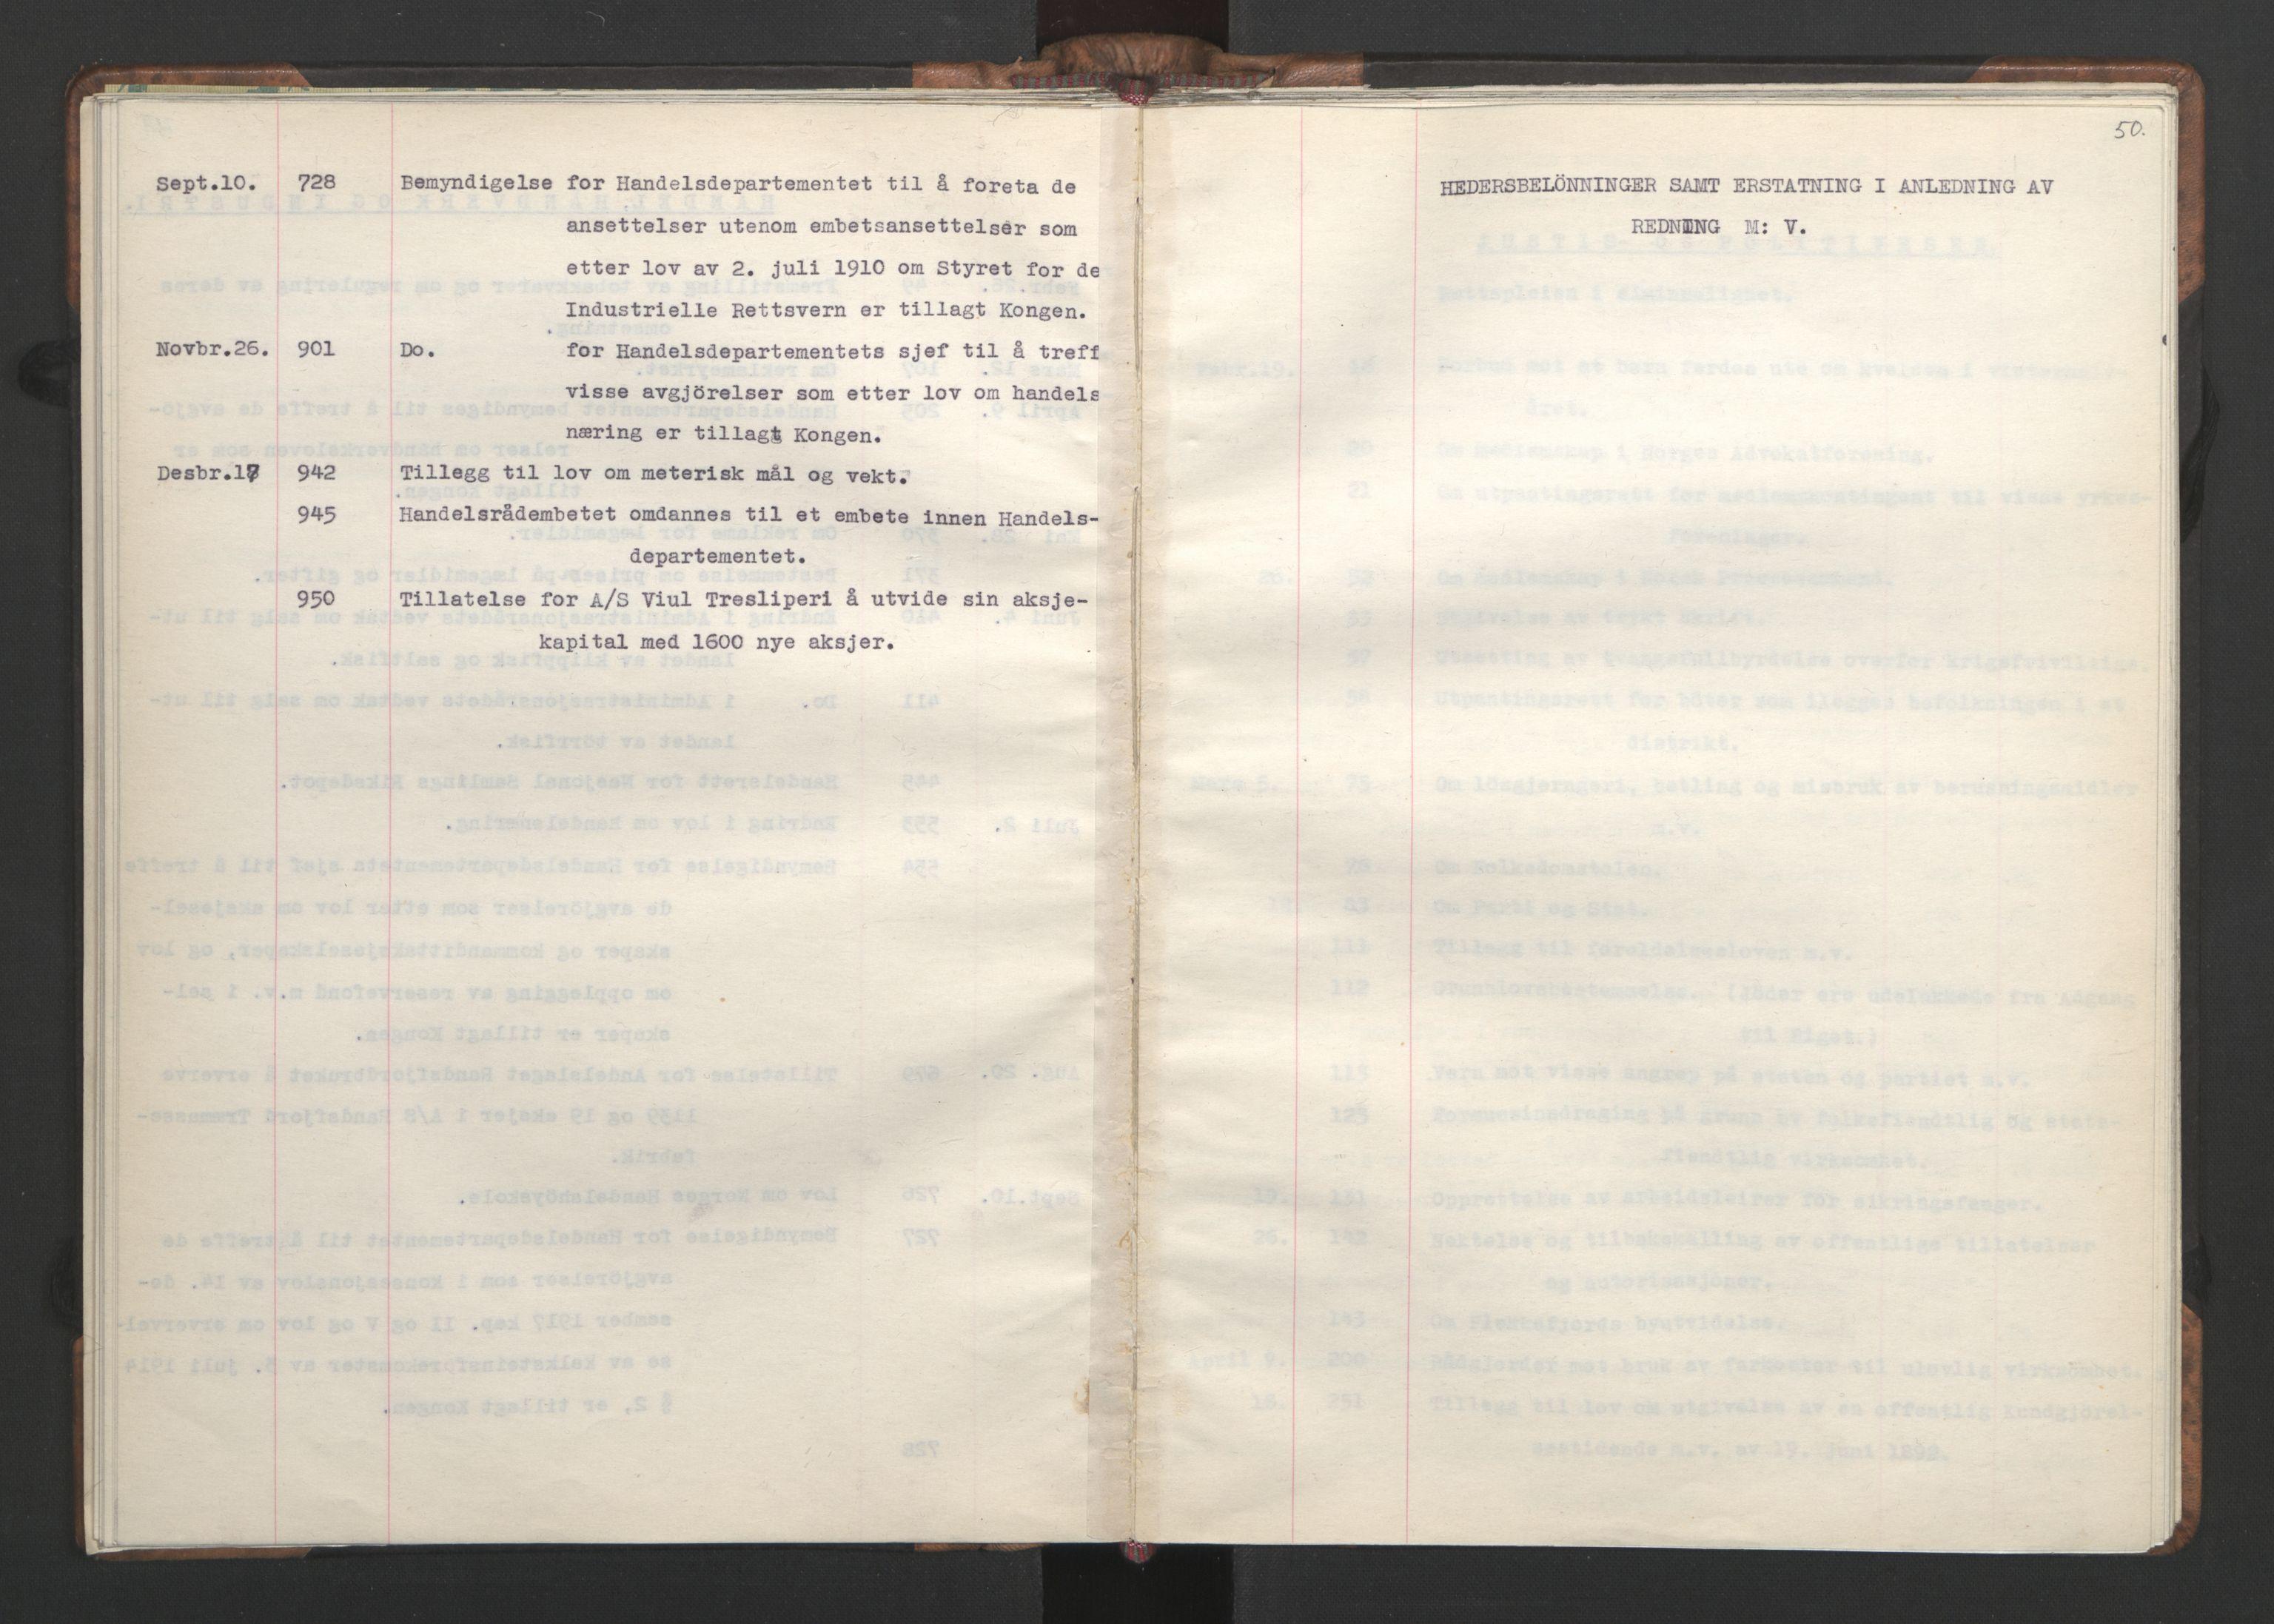 RA, NS-administrasjonen 1940-1945 (Statsrådsekretariatet, de kommisariske statsråder mm), D/Da/L0002: Register (RA j.nr. 985/1943, tilgangsnr. 17/1943), 1942, s. 49b-50a